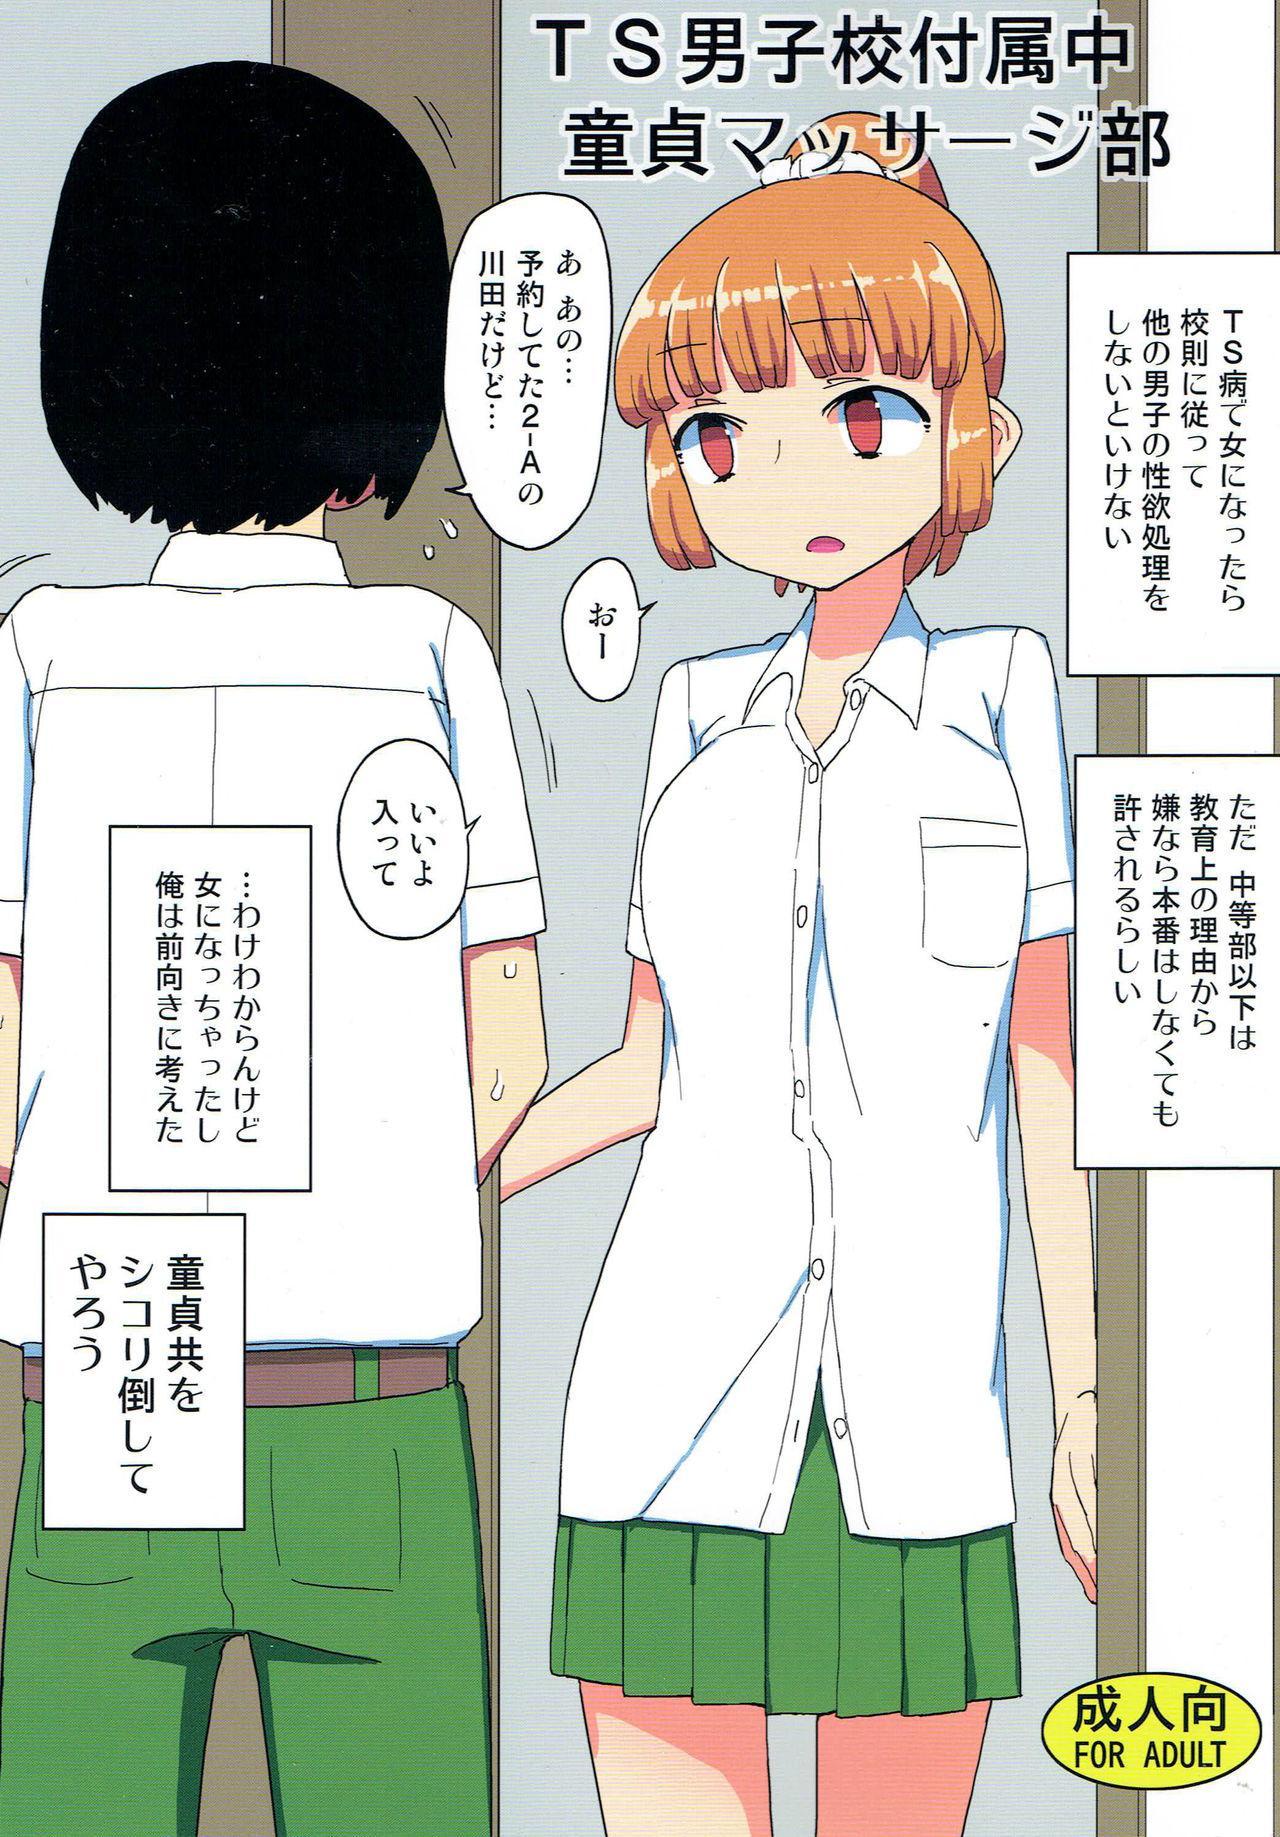 TS Danshikou Fuzokuchuu Doutei Massage-bu 0